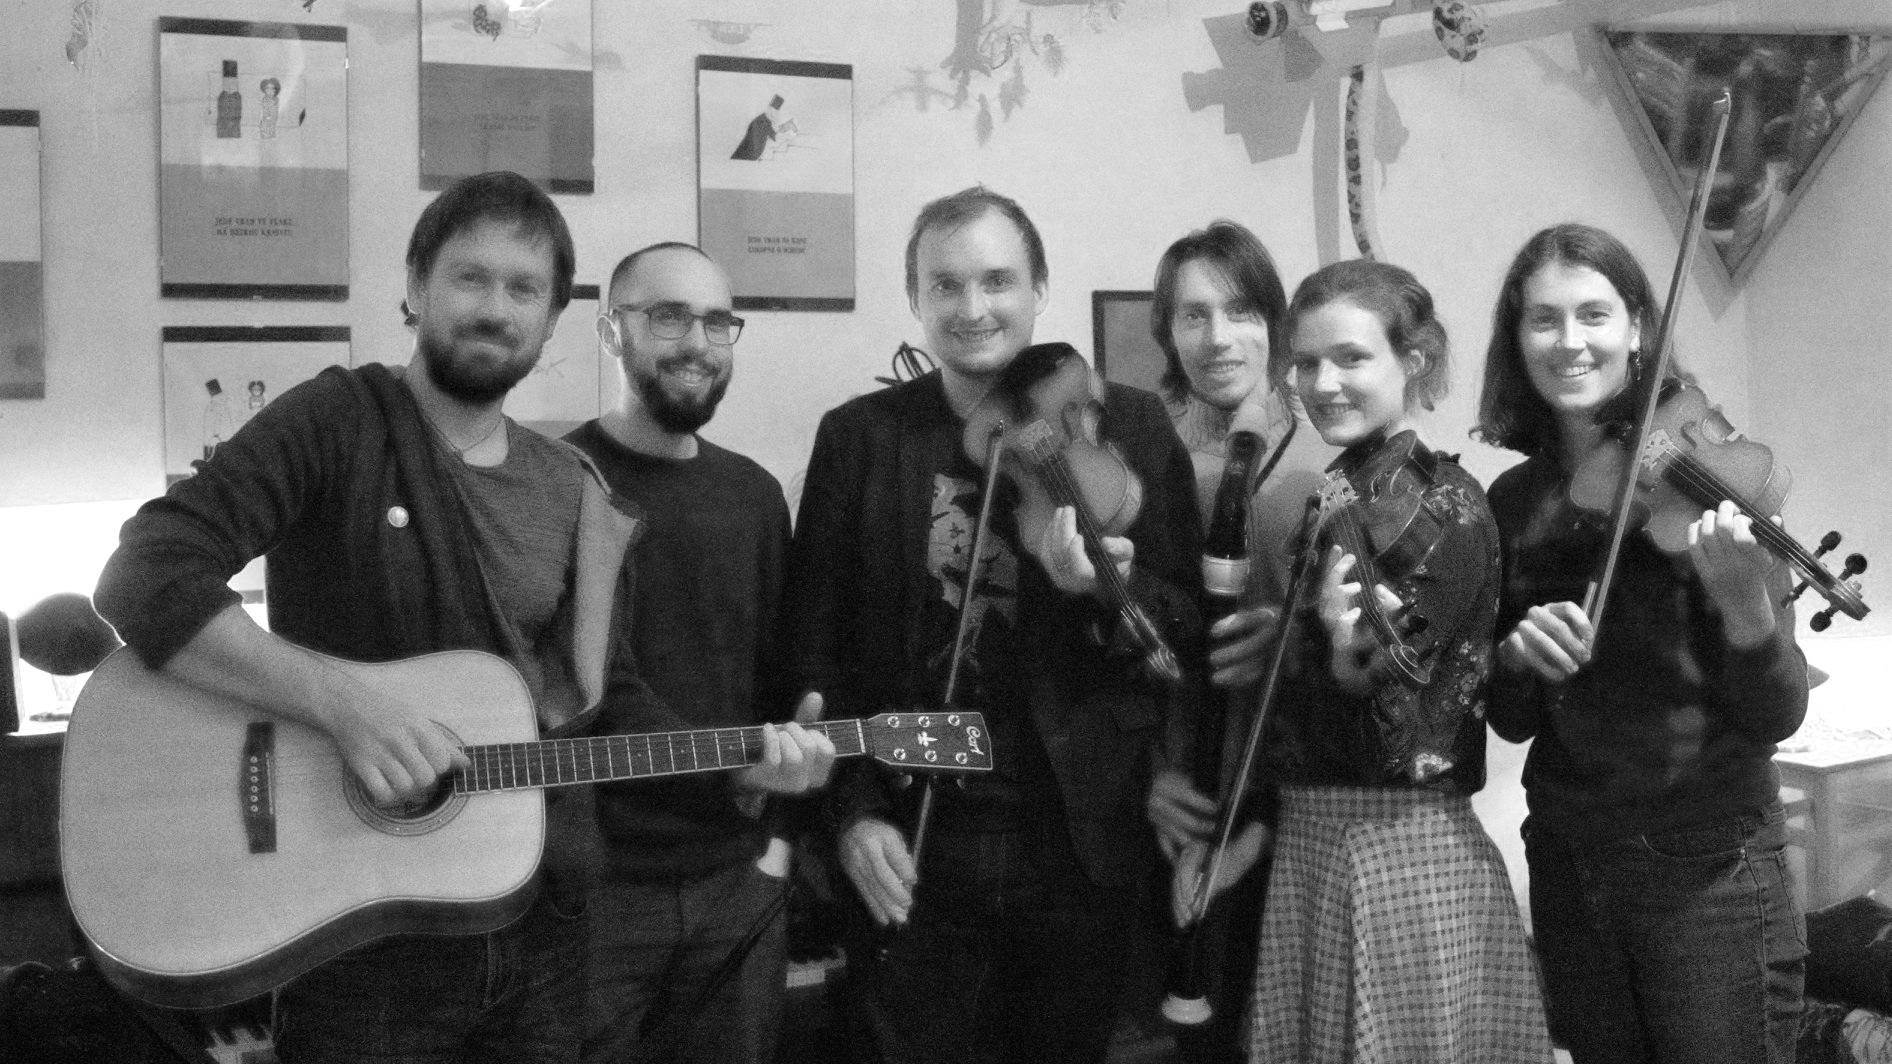 Začni improvizovat - 11. 12. 2018 v 18:00, Klub PalikárkaHudební impro workshop ve spolupráci s NotyNe